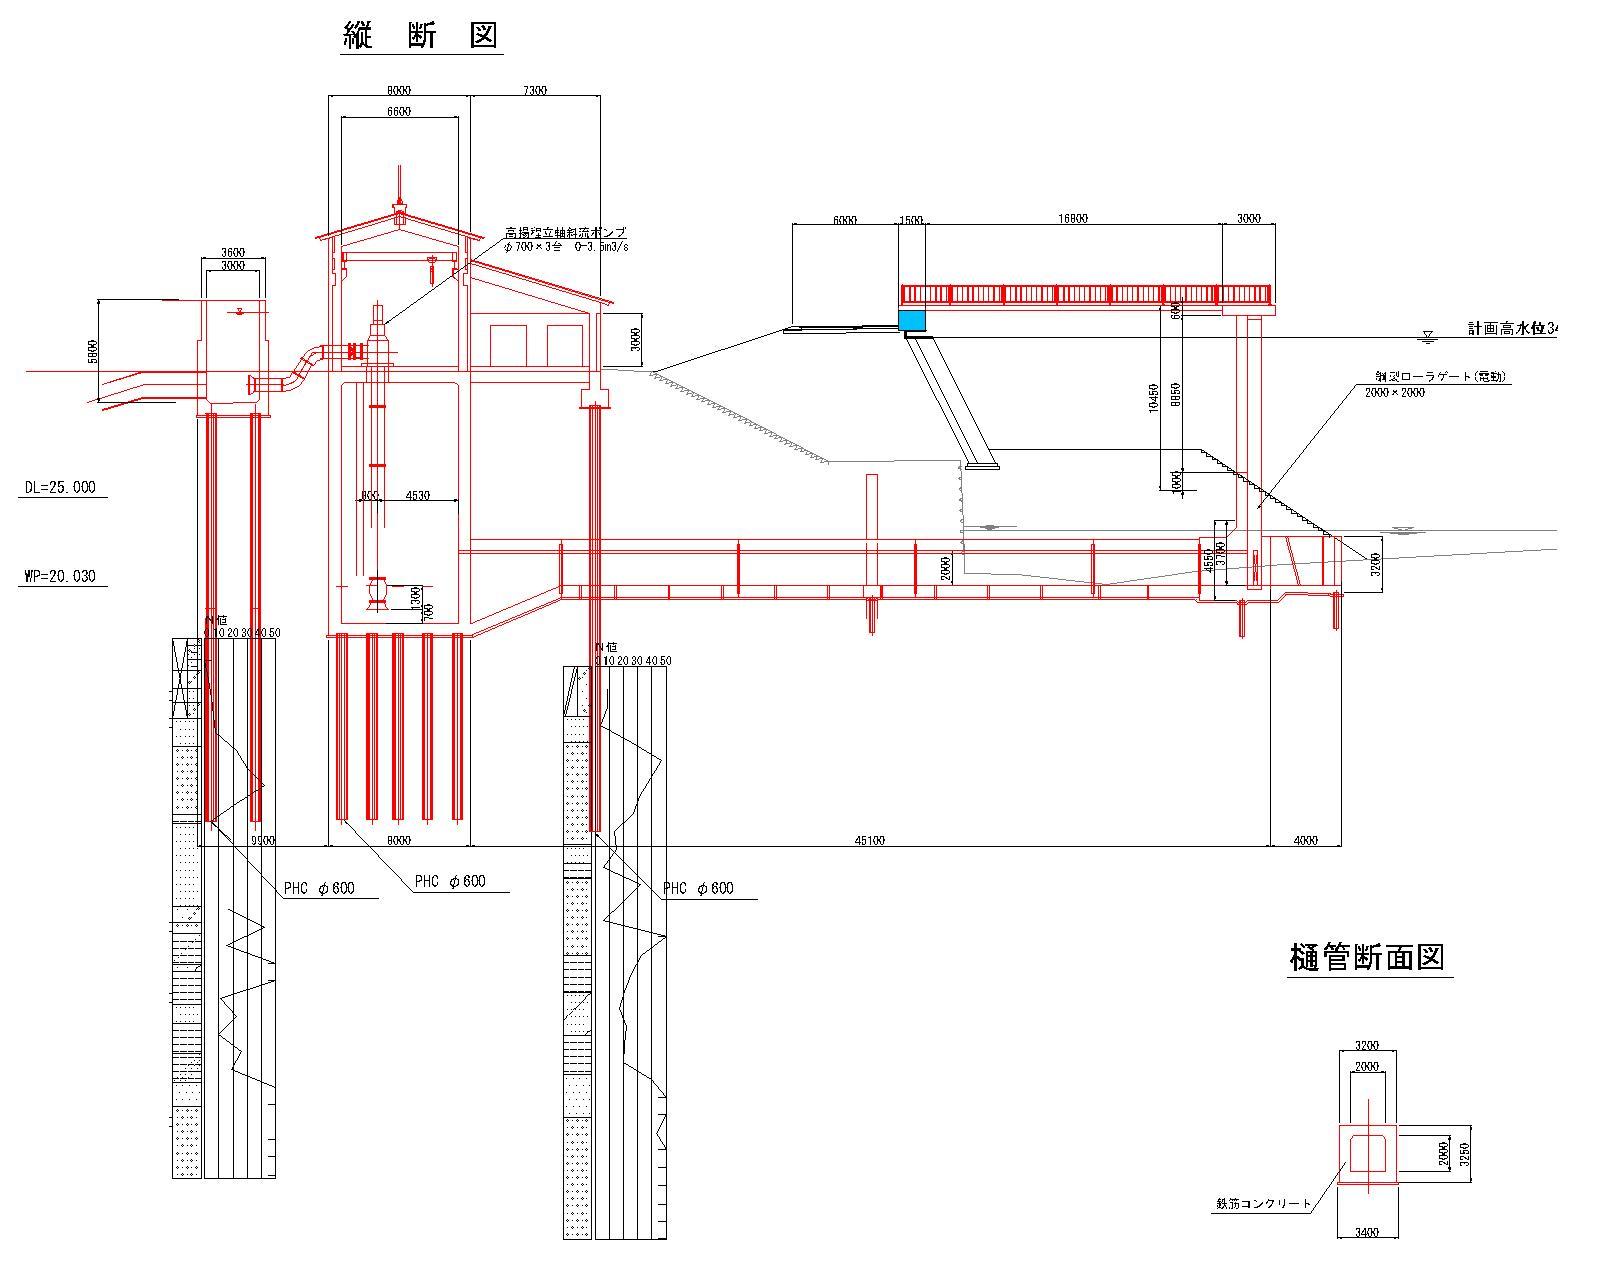 08_02_03_01_02船玉揚水機場 農林施工 赤-モデル